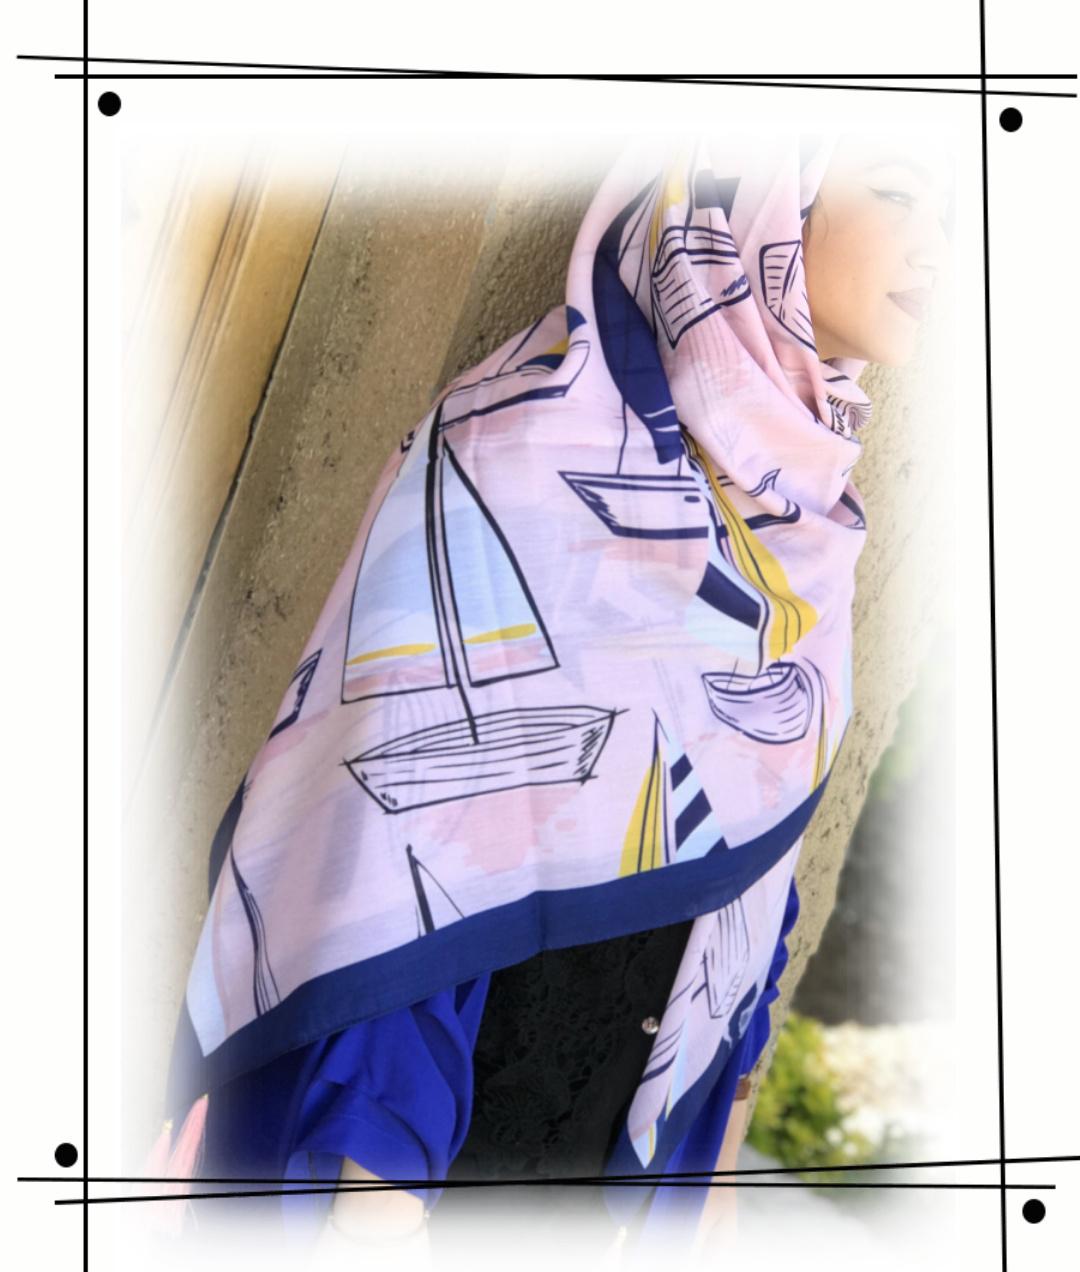 روسری زیبا با طراحی خاص